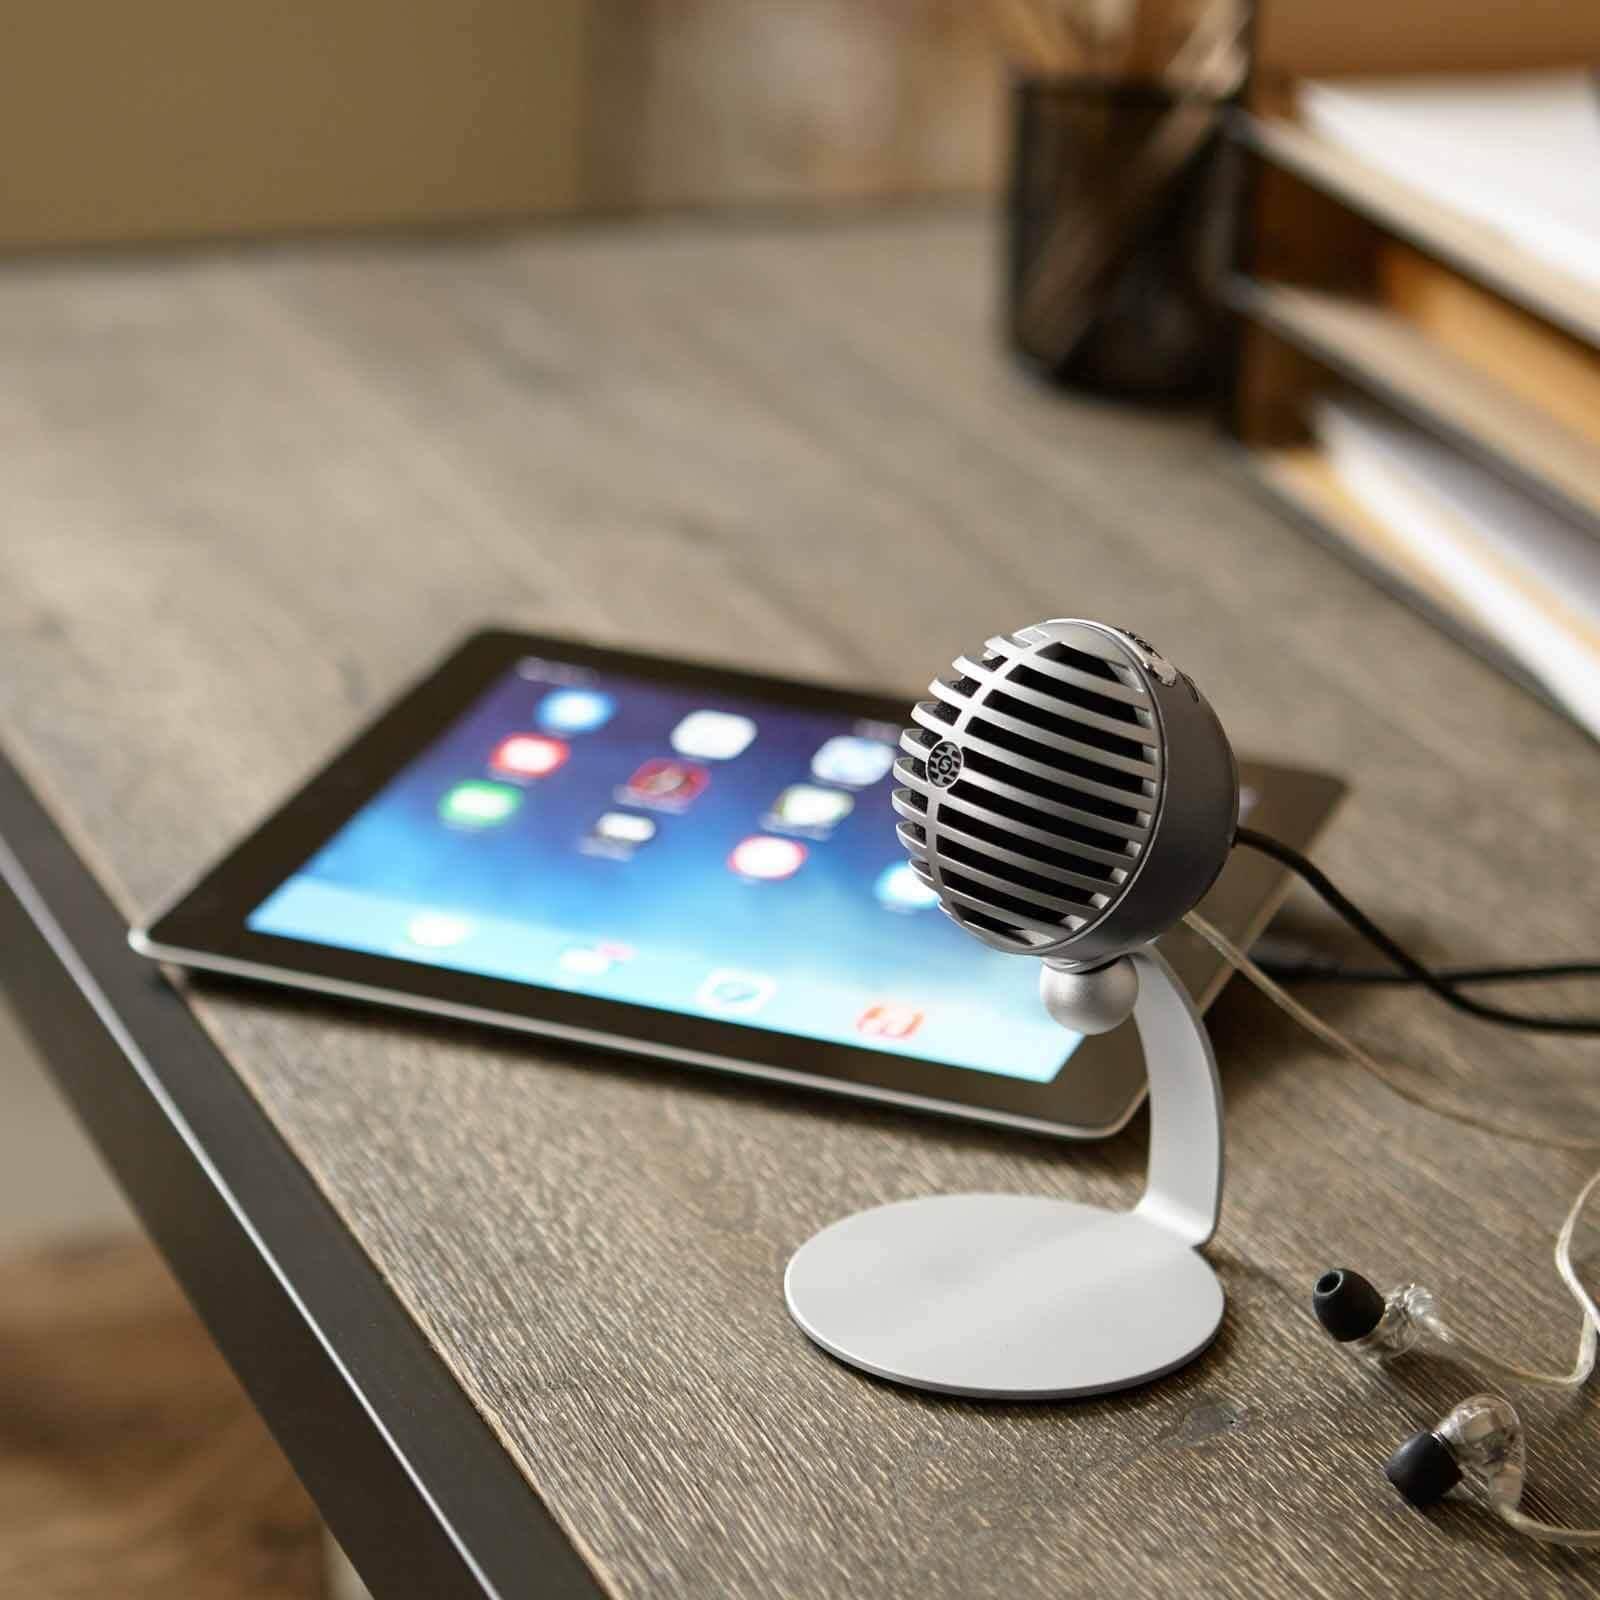 Review: shure mv5 é o microfone condensador digital amplamente versátil. Analisamos o shure mv5, um microfone que apresenta uma ótima relação custo-benefício para consumidores brasileiros.